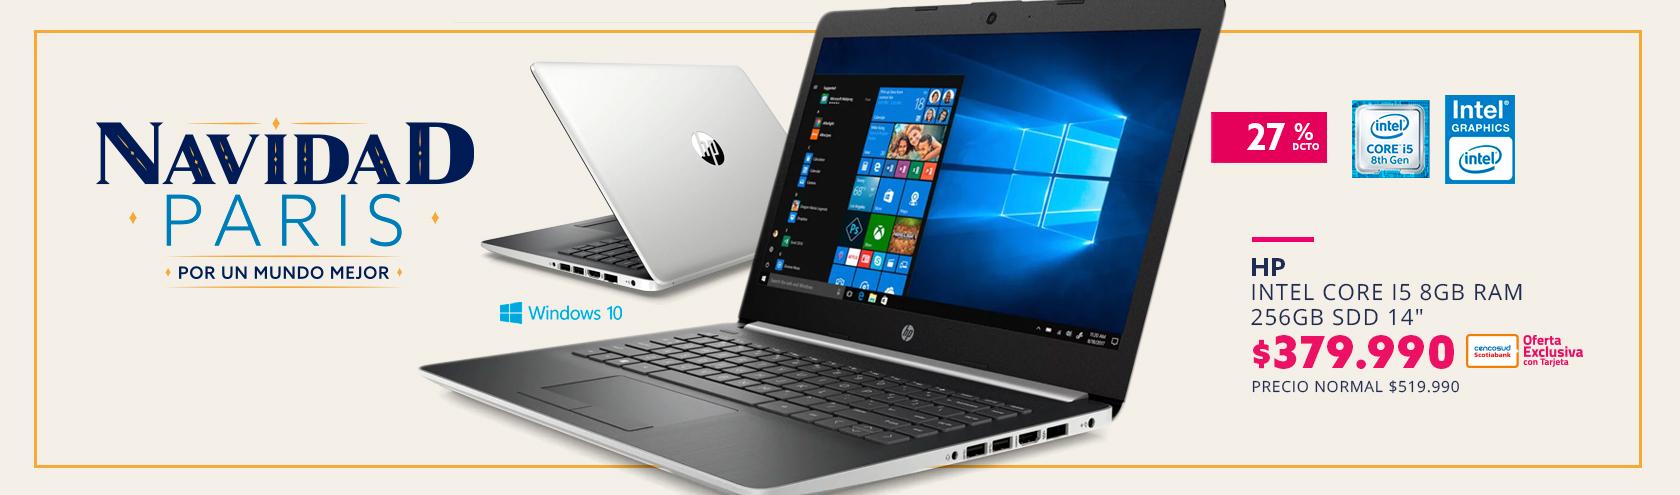 Notebook HP 14-CK1035LA Intel i5 8GB RAM Intel UHD620 256GB SDD 14